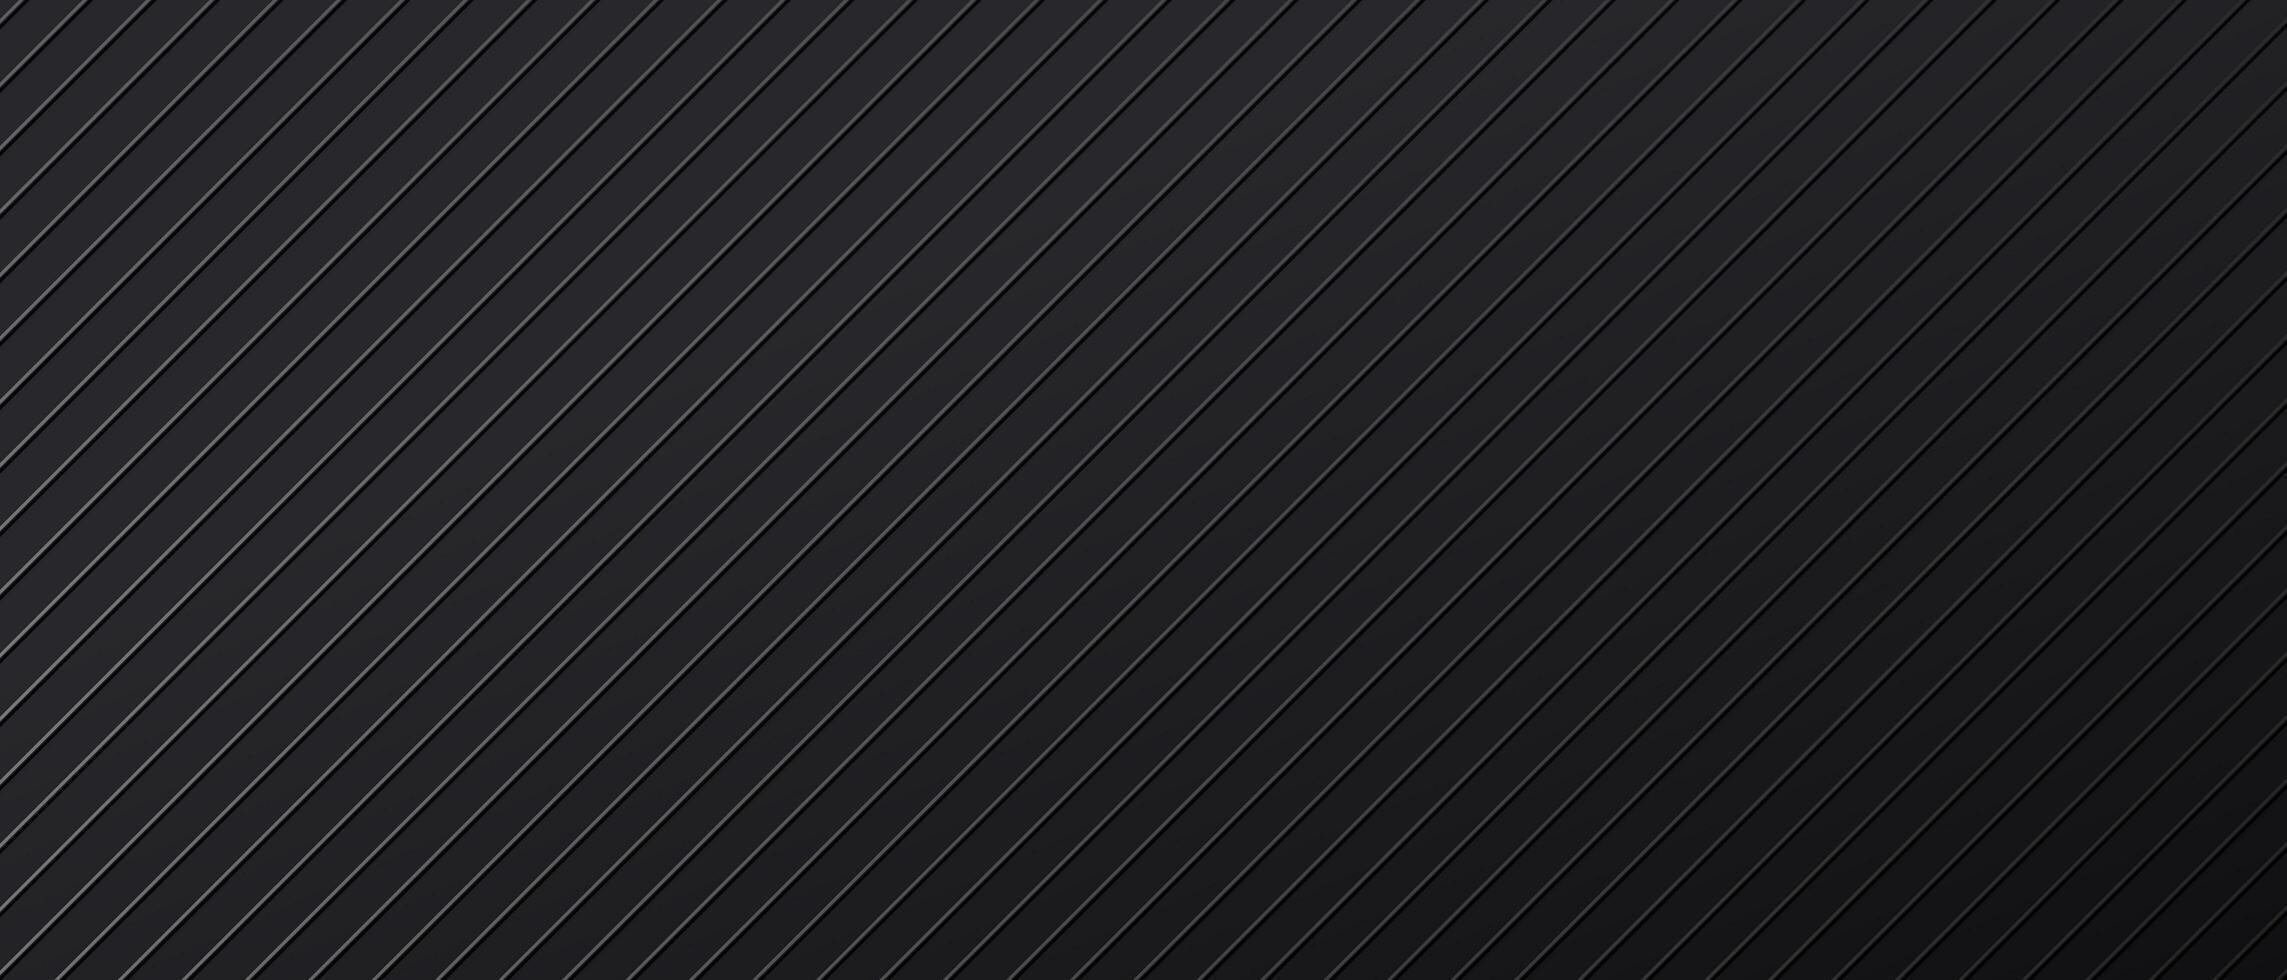 schwarzer abstrakter Hintergrund mit diagonalen parallelen Linien vektor